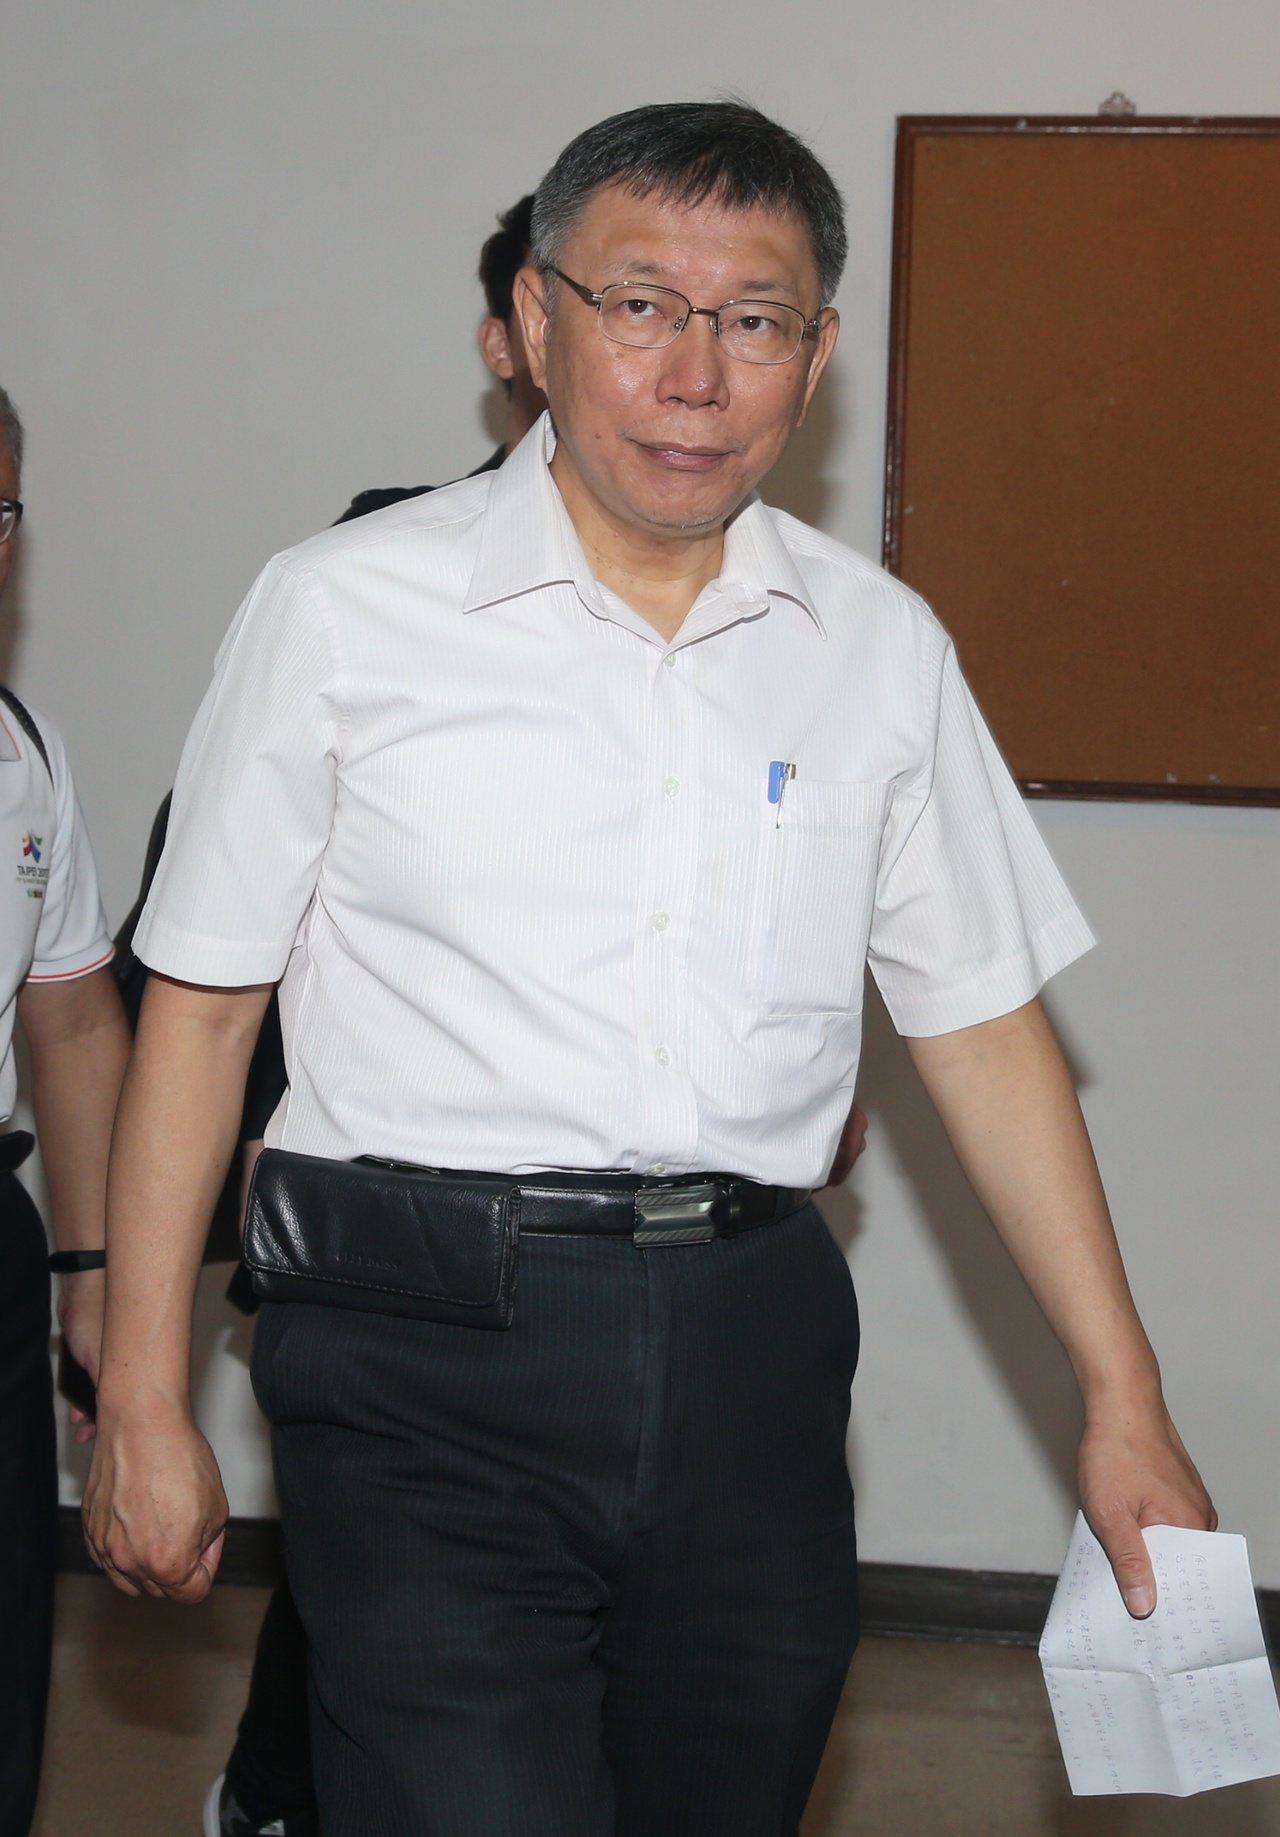 台北市長柯文哲上午出席台北市民政團隊聯合頒獎典禮,媒體大陣仗採訪市長對雙子星開發...